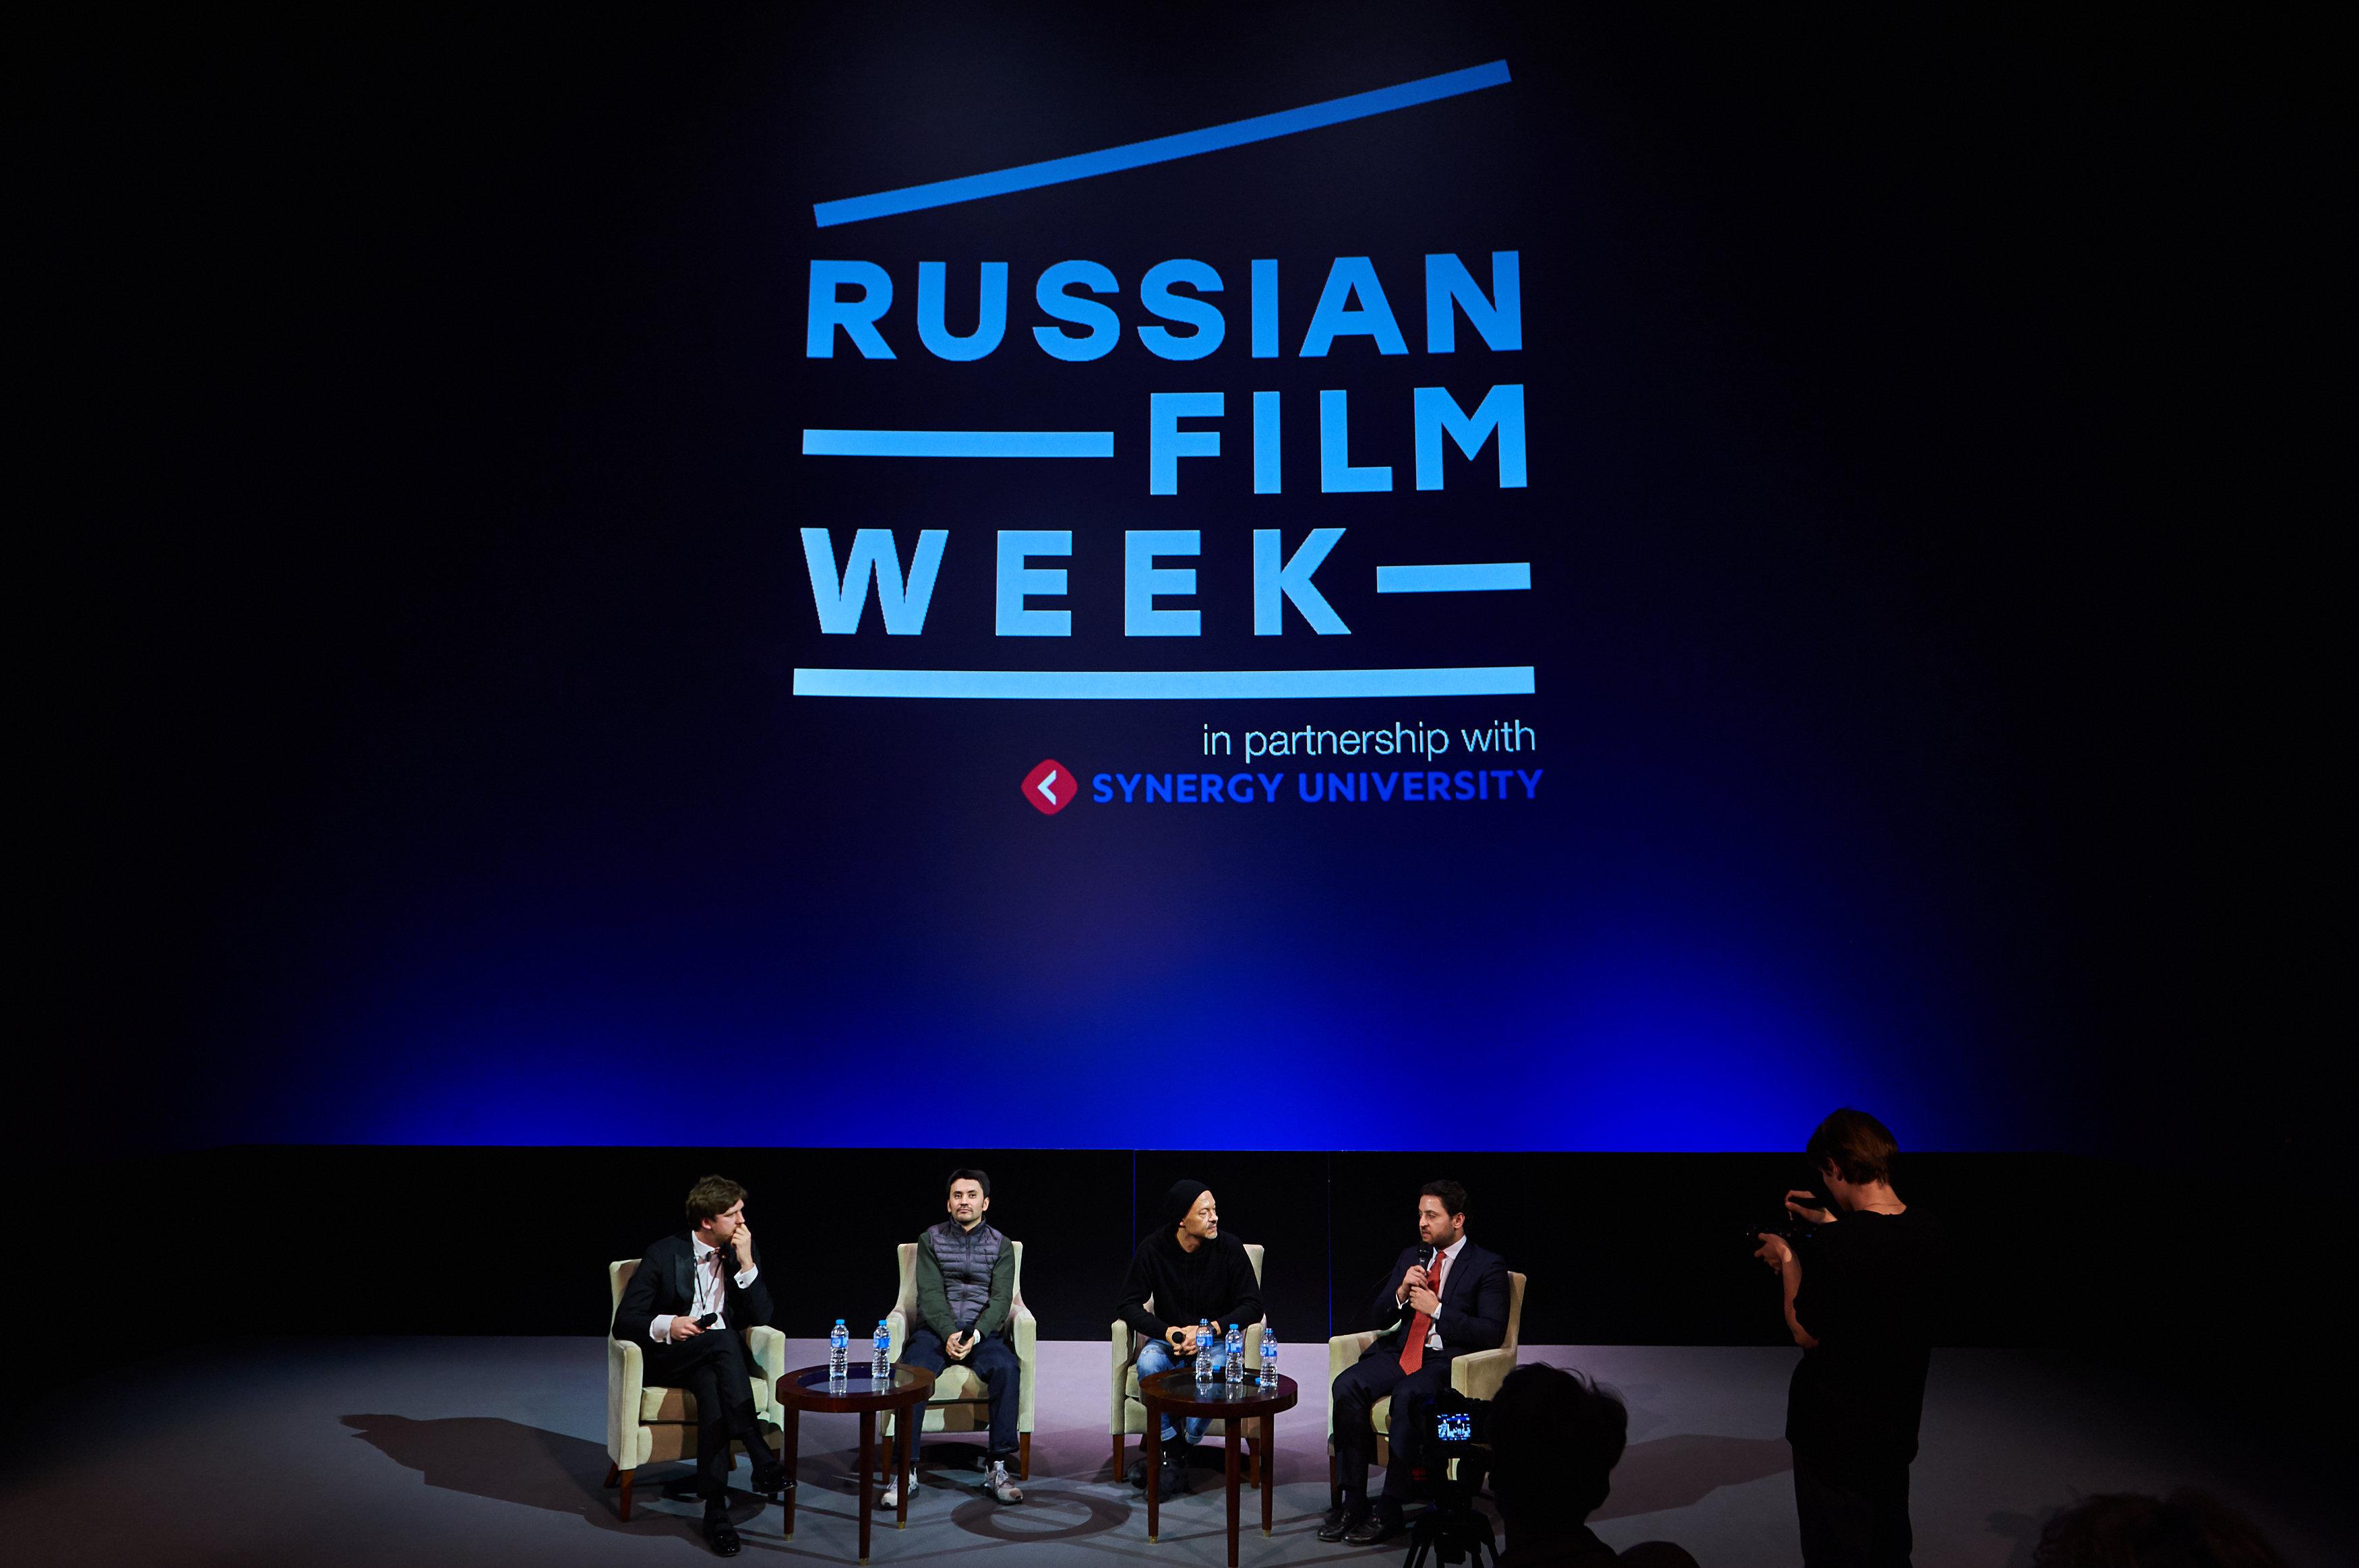 Russian Film Week © RFW 2017